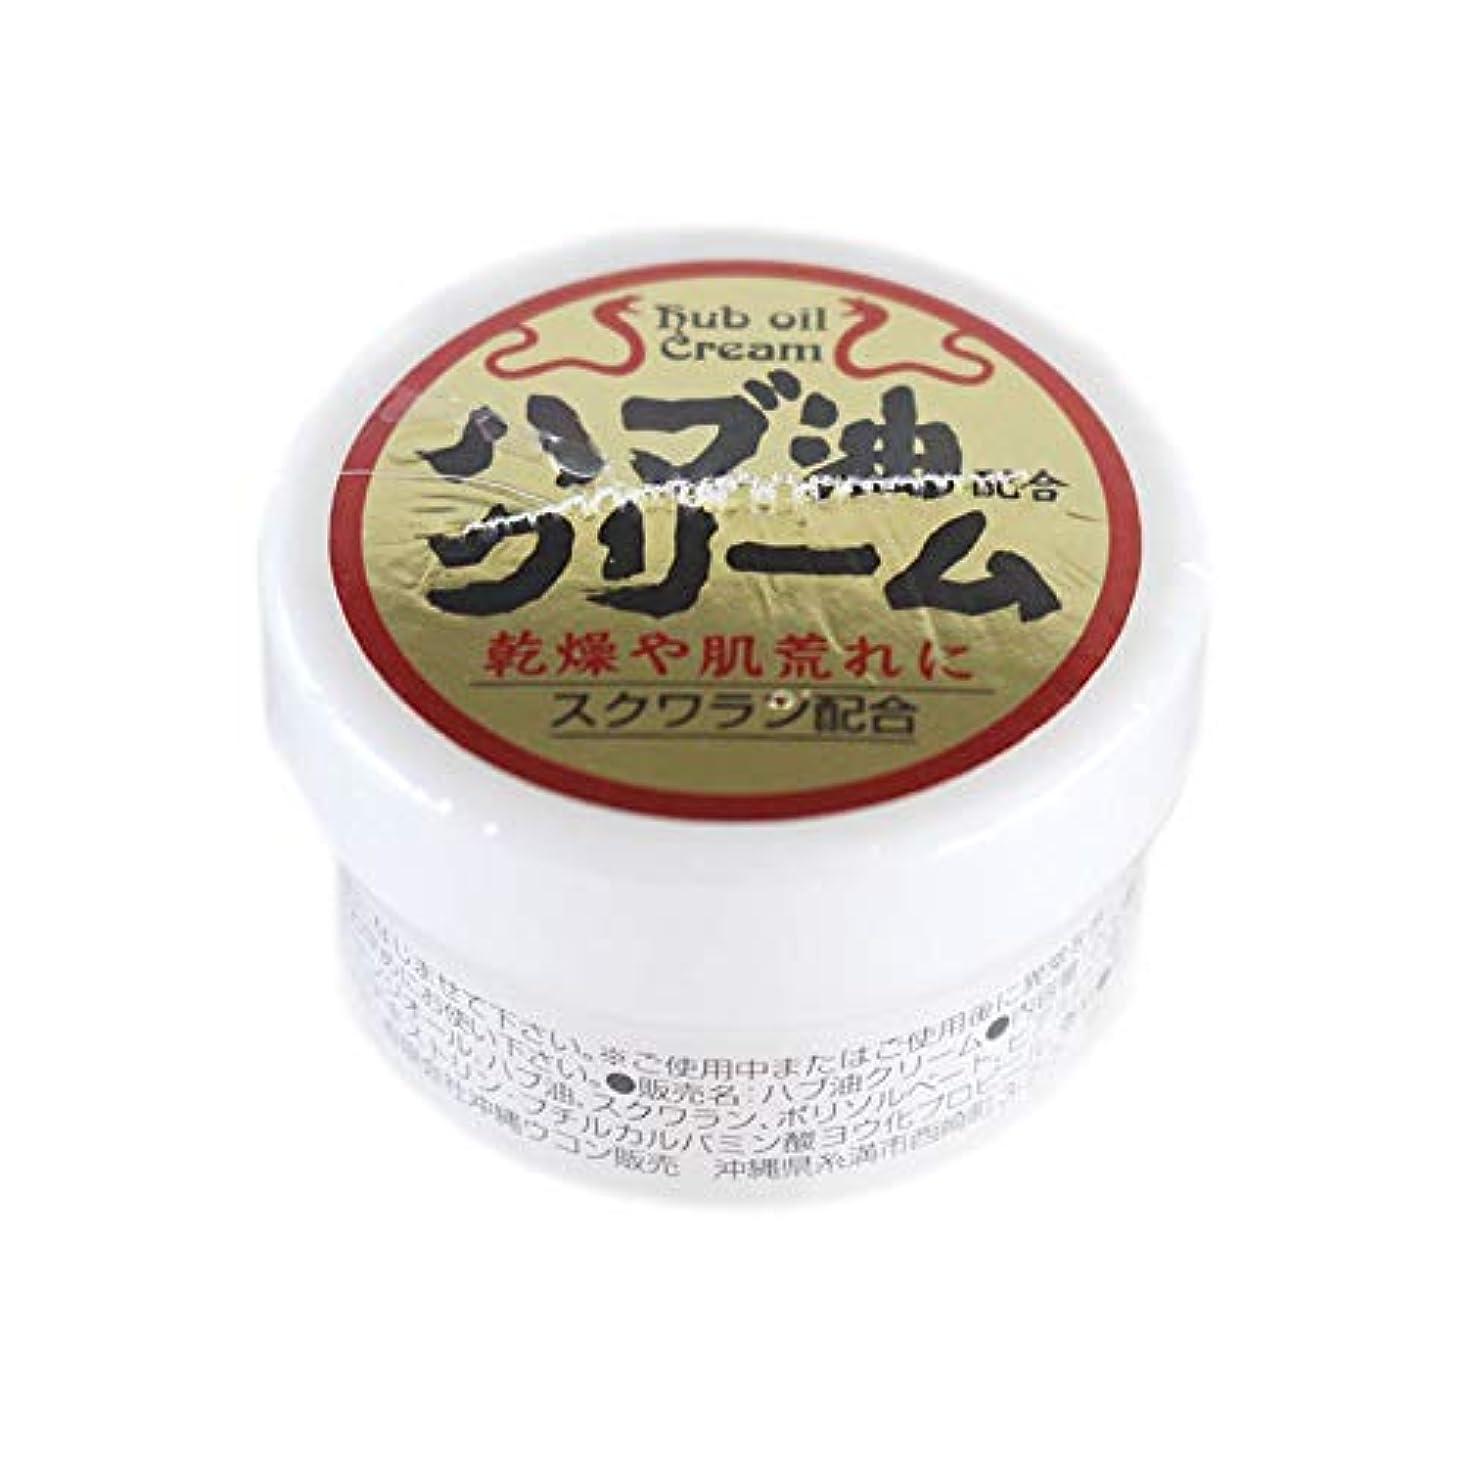 グリル満員アルカイックハブ油配合クリーム 1個【1個?20g】